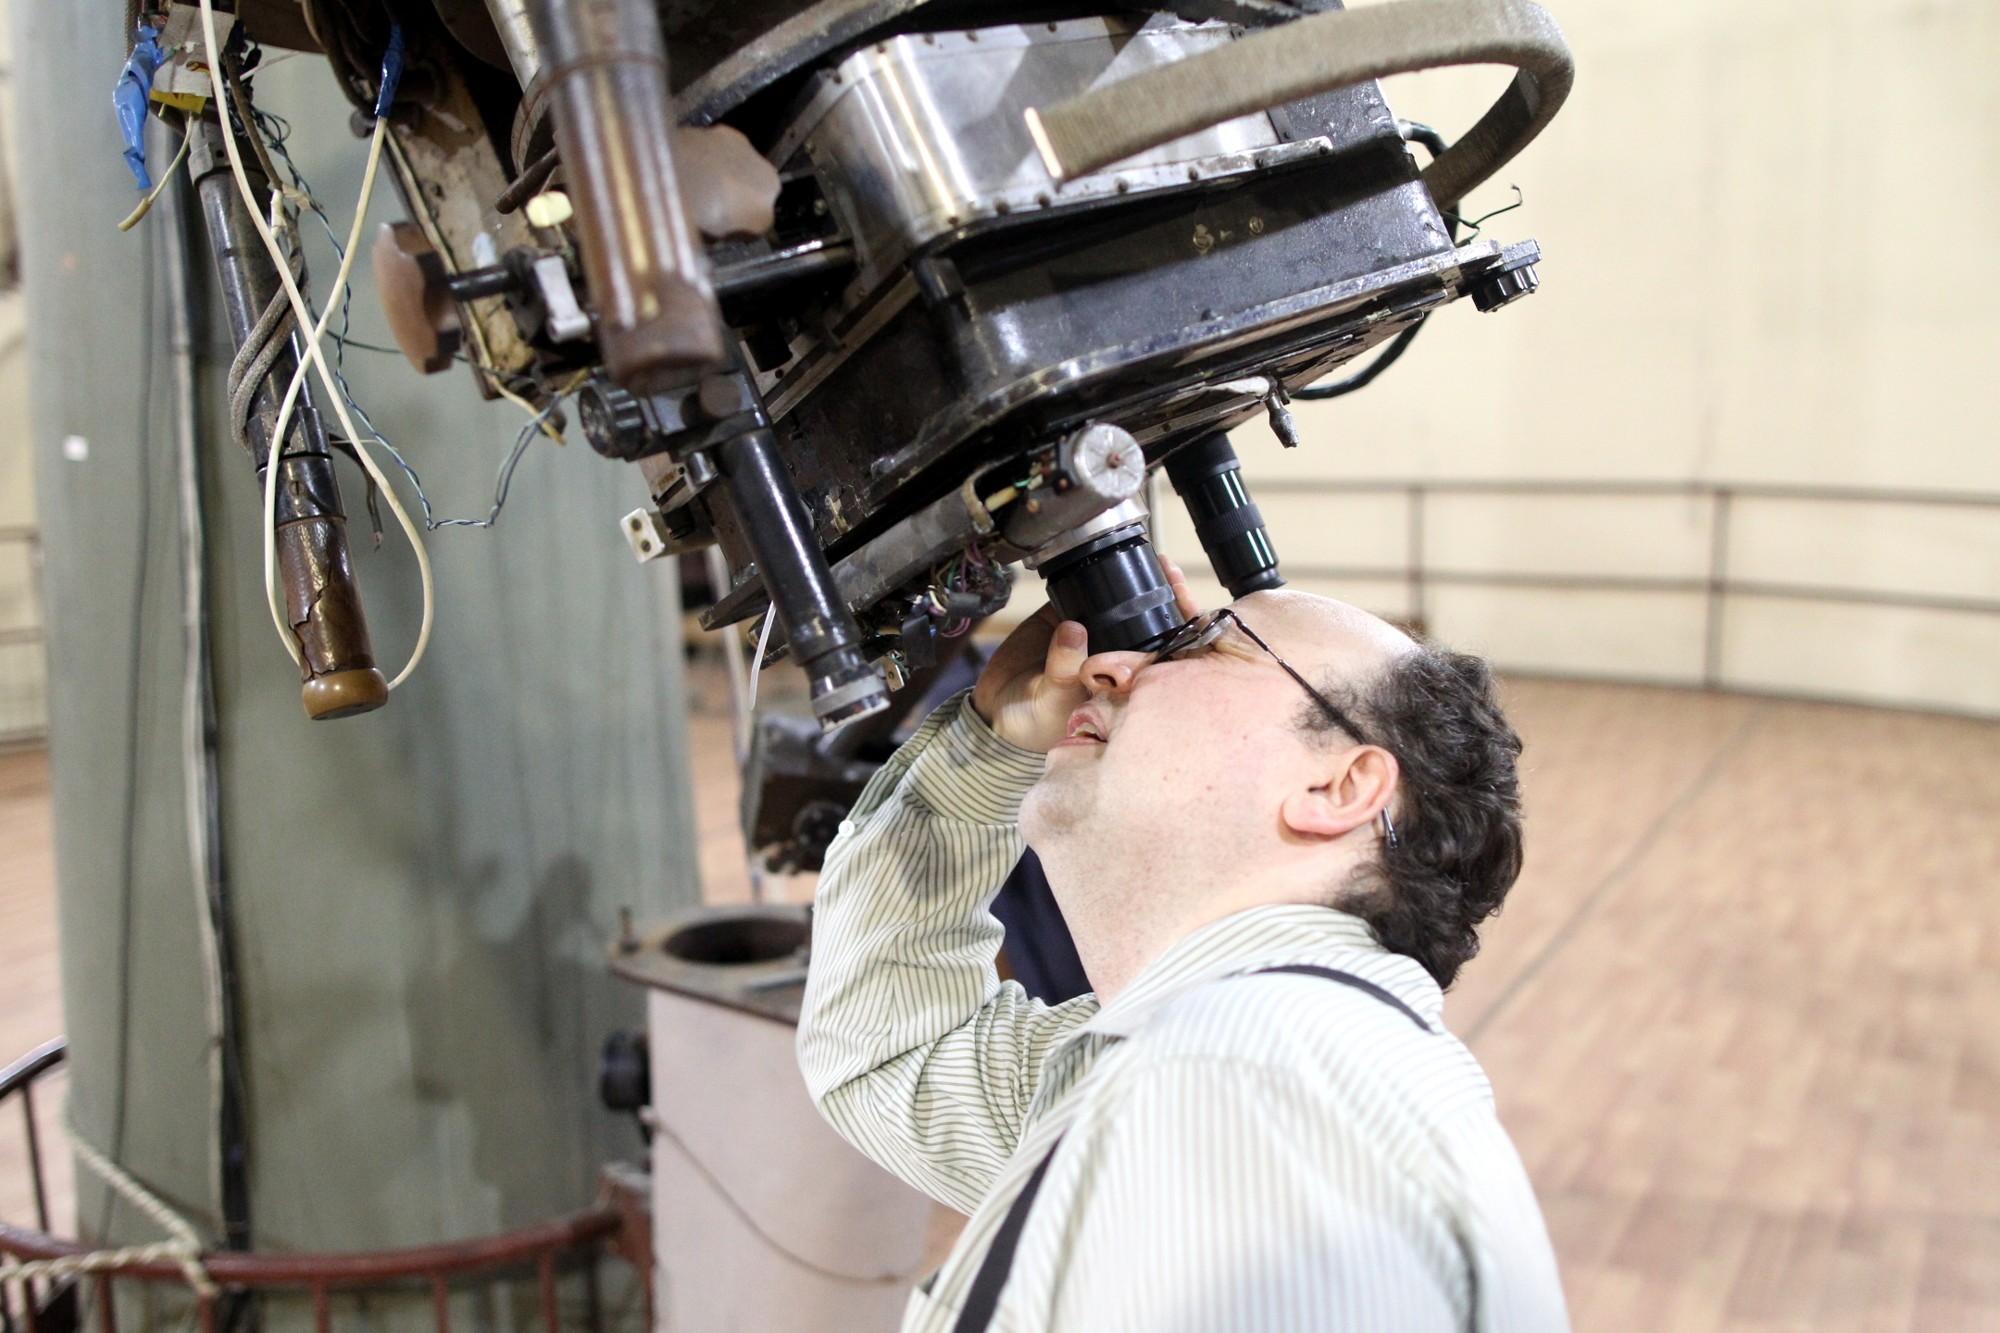 Игорь Измайлов Пулковская обсерватория 26-дюймовый рефрактор телескоп астрономия